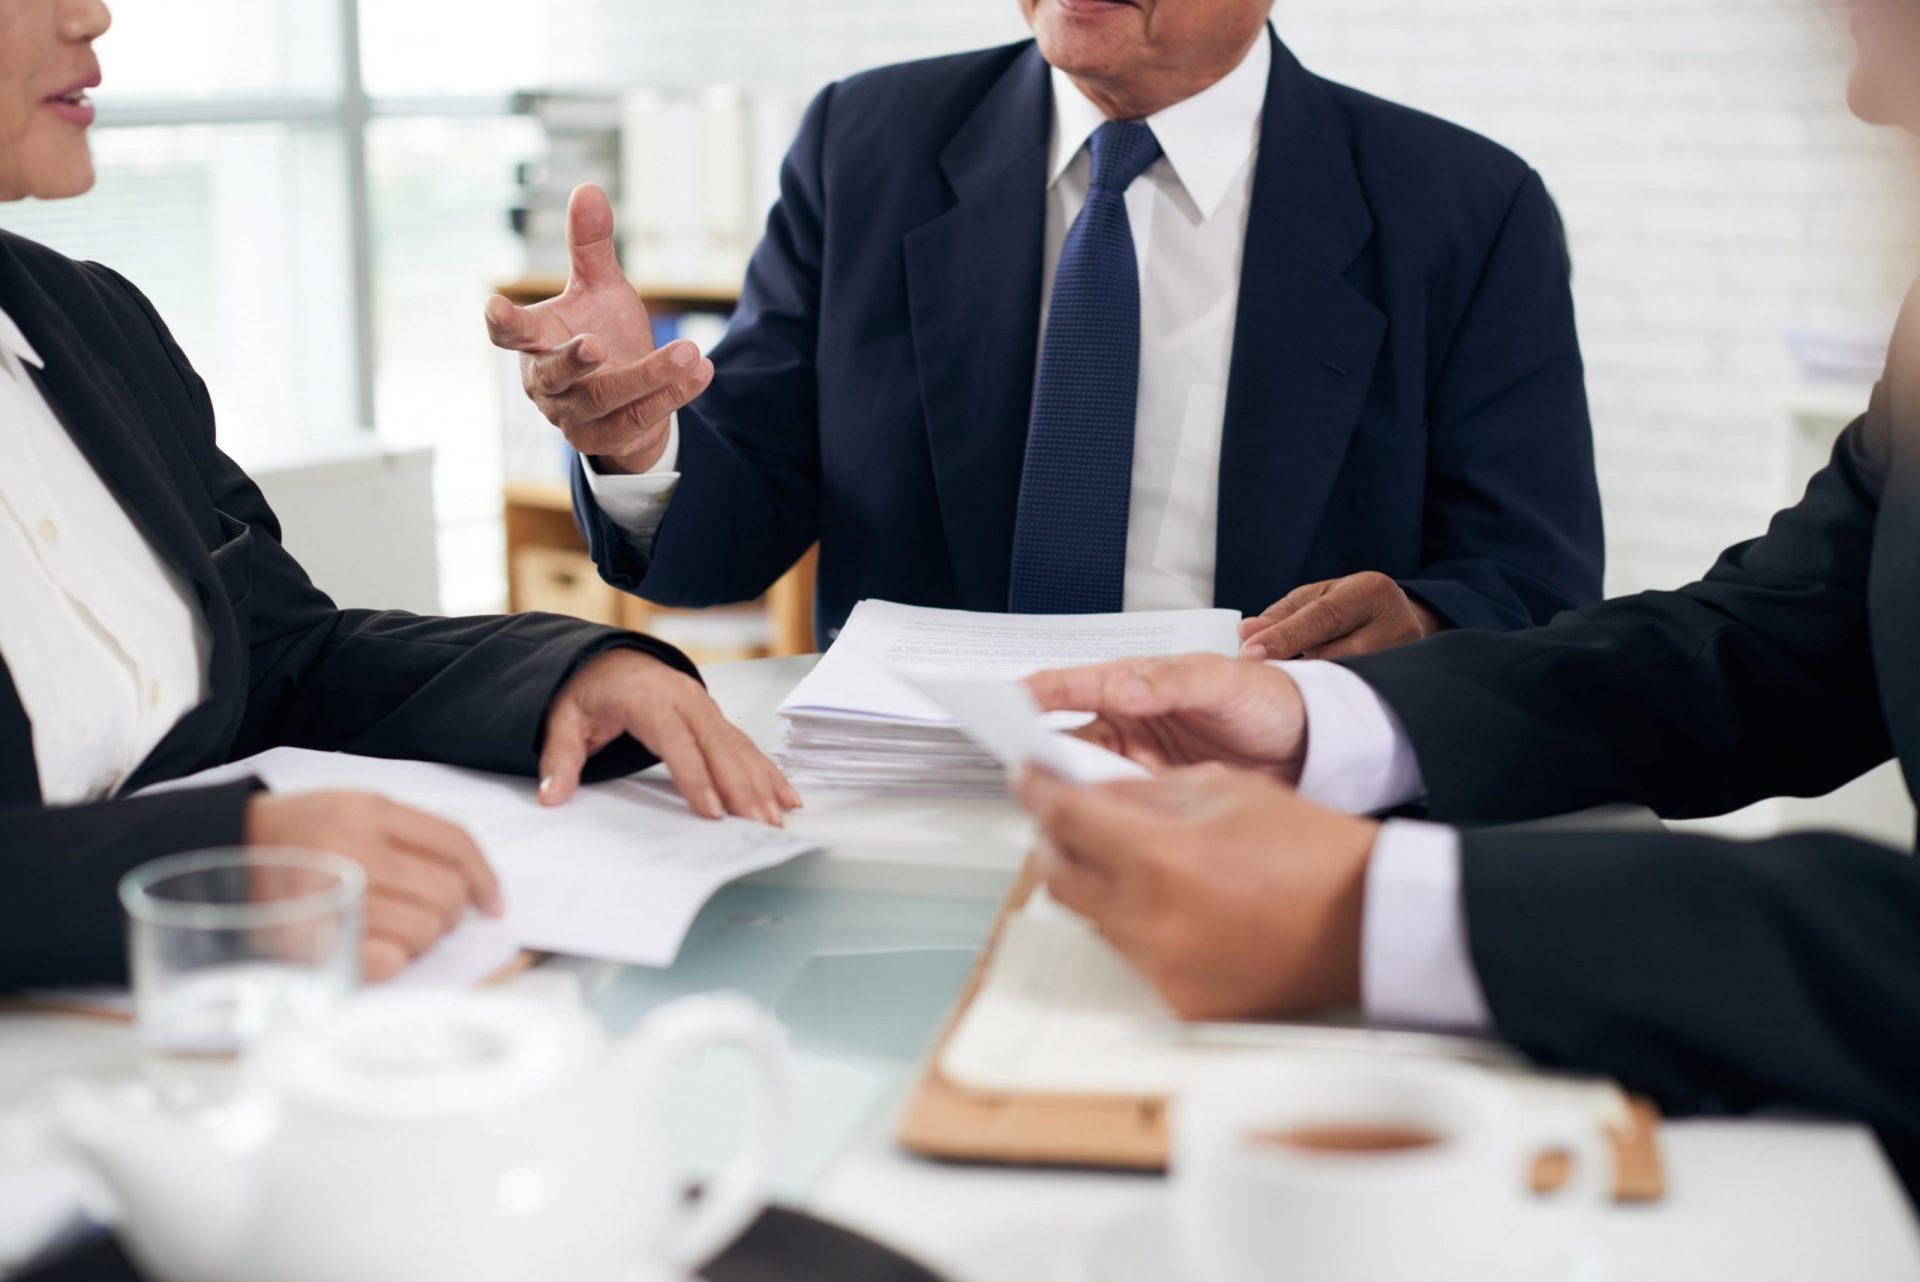 Abogado de empresa contra Responsable de cumplimiento normativo